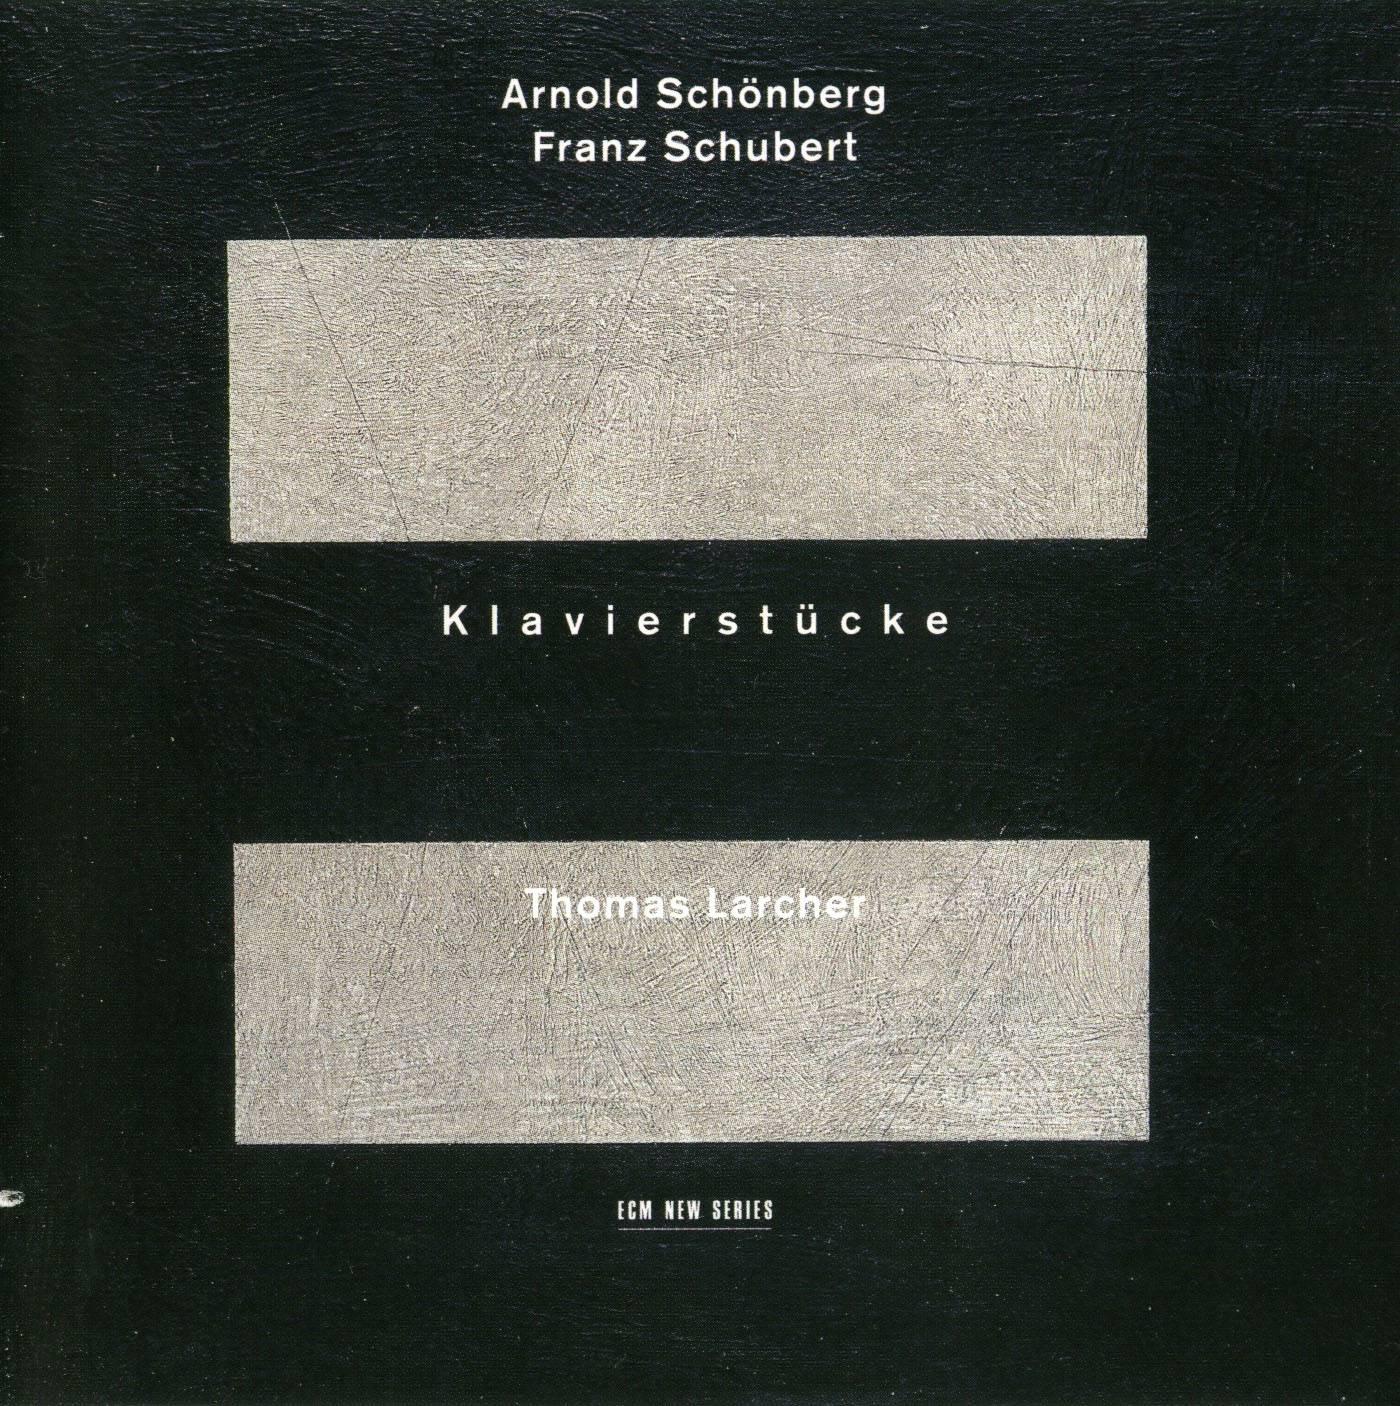 Thomas Larcher - Arnold Schoenberg, Franz Schubert: Klavierstucke (1999)